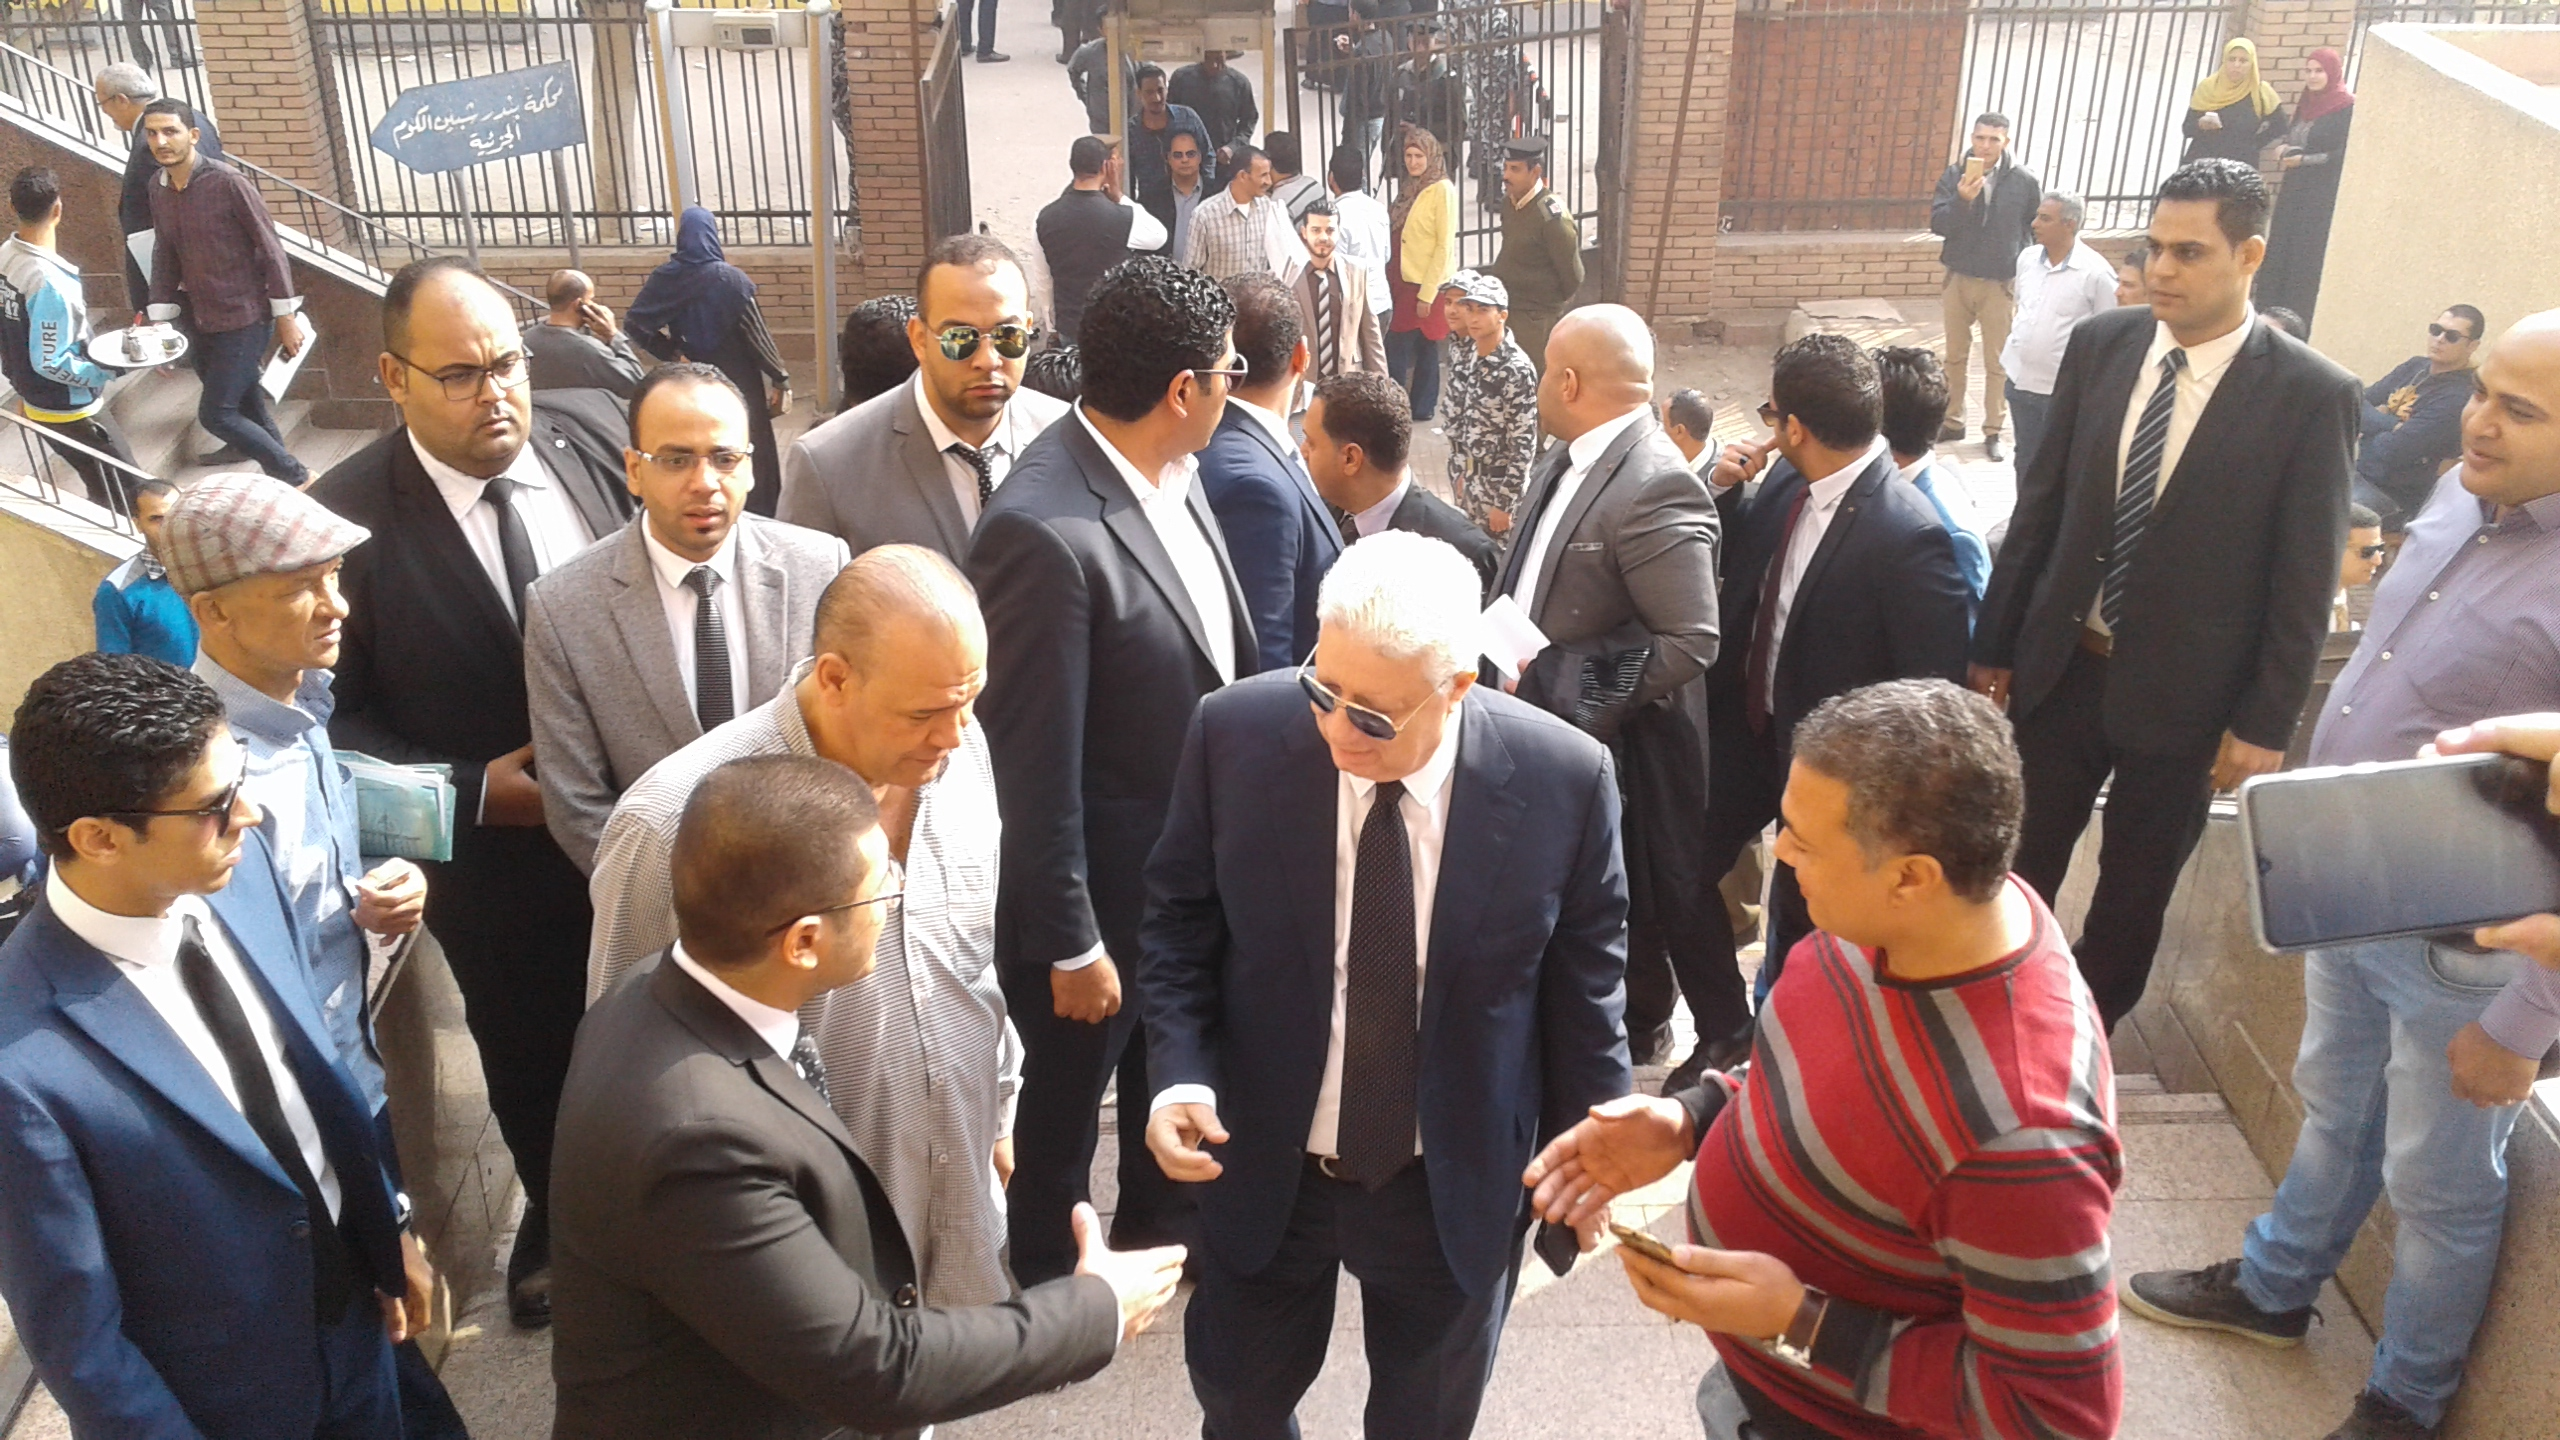 وصول مرتضى منصور لمحكمة شبين الكوم (3)